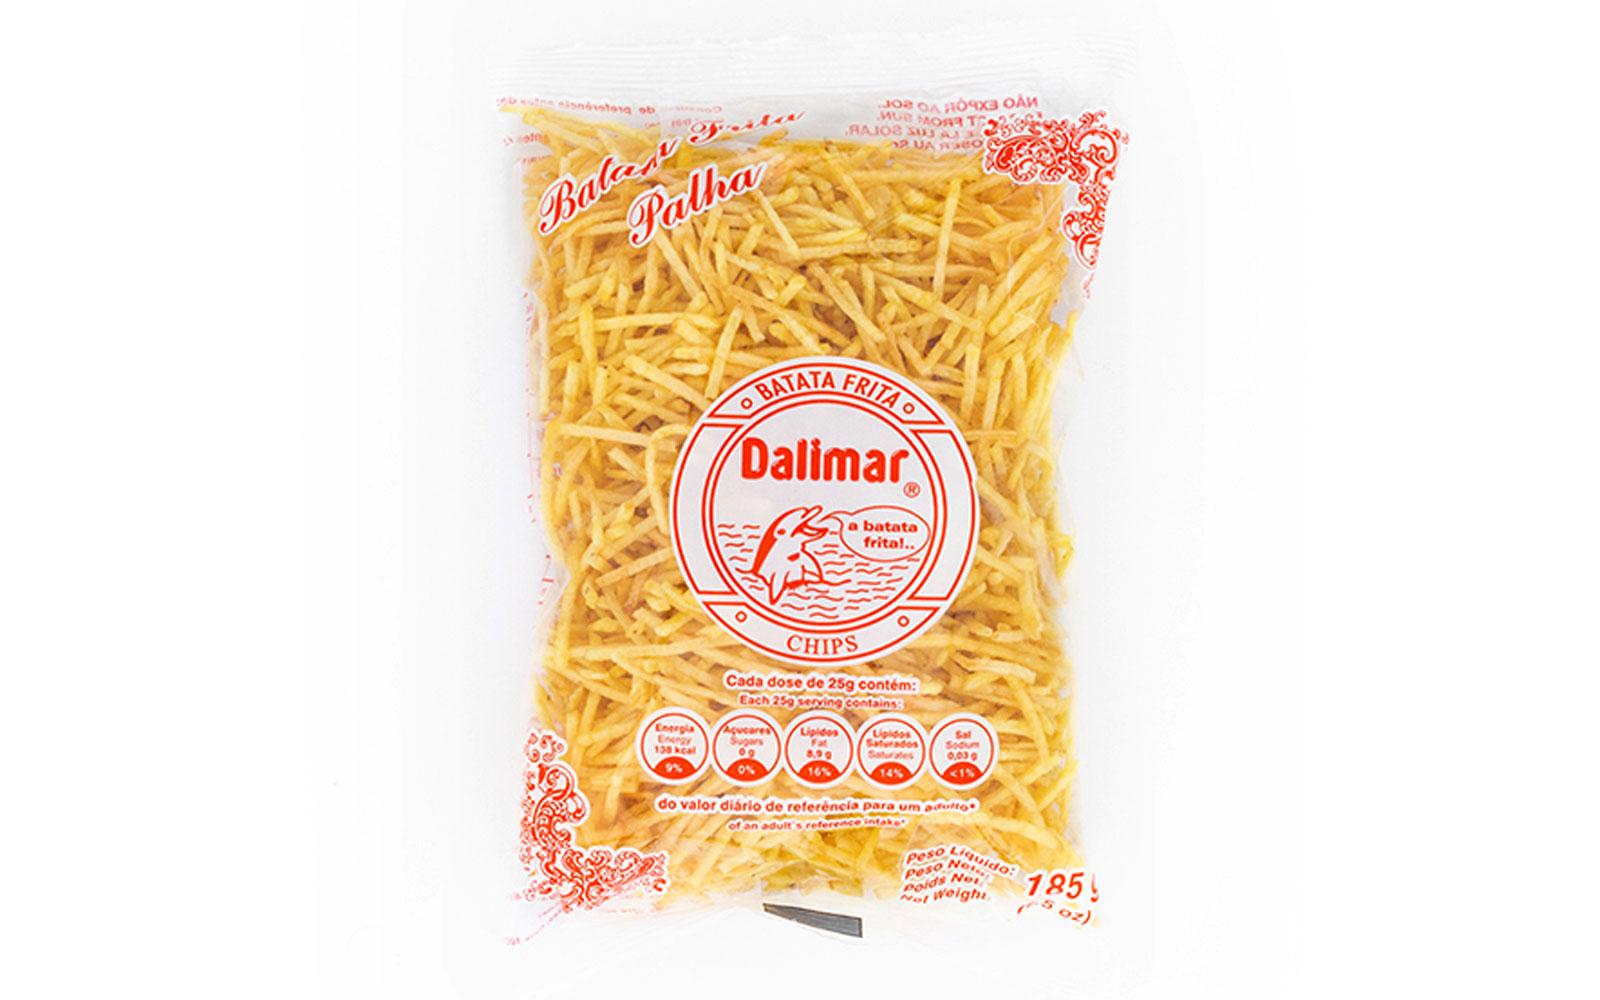 dalimar chips